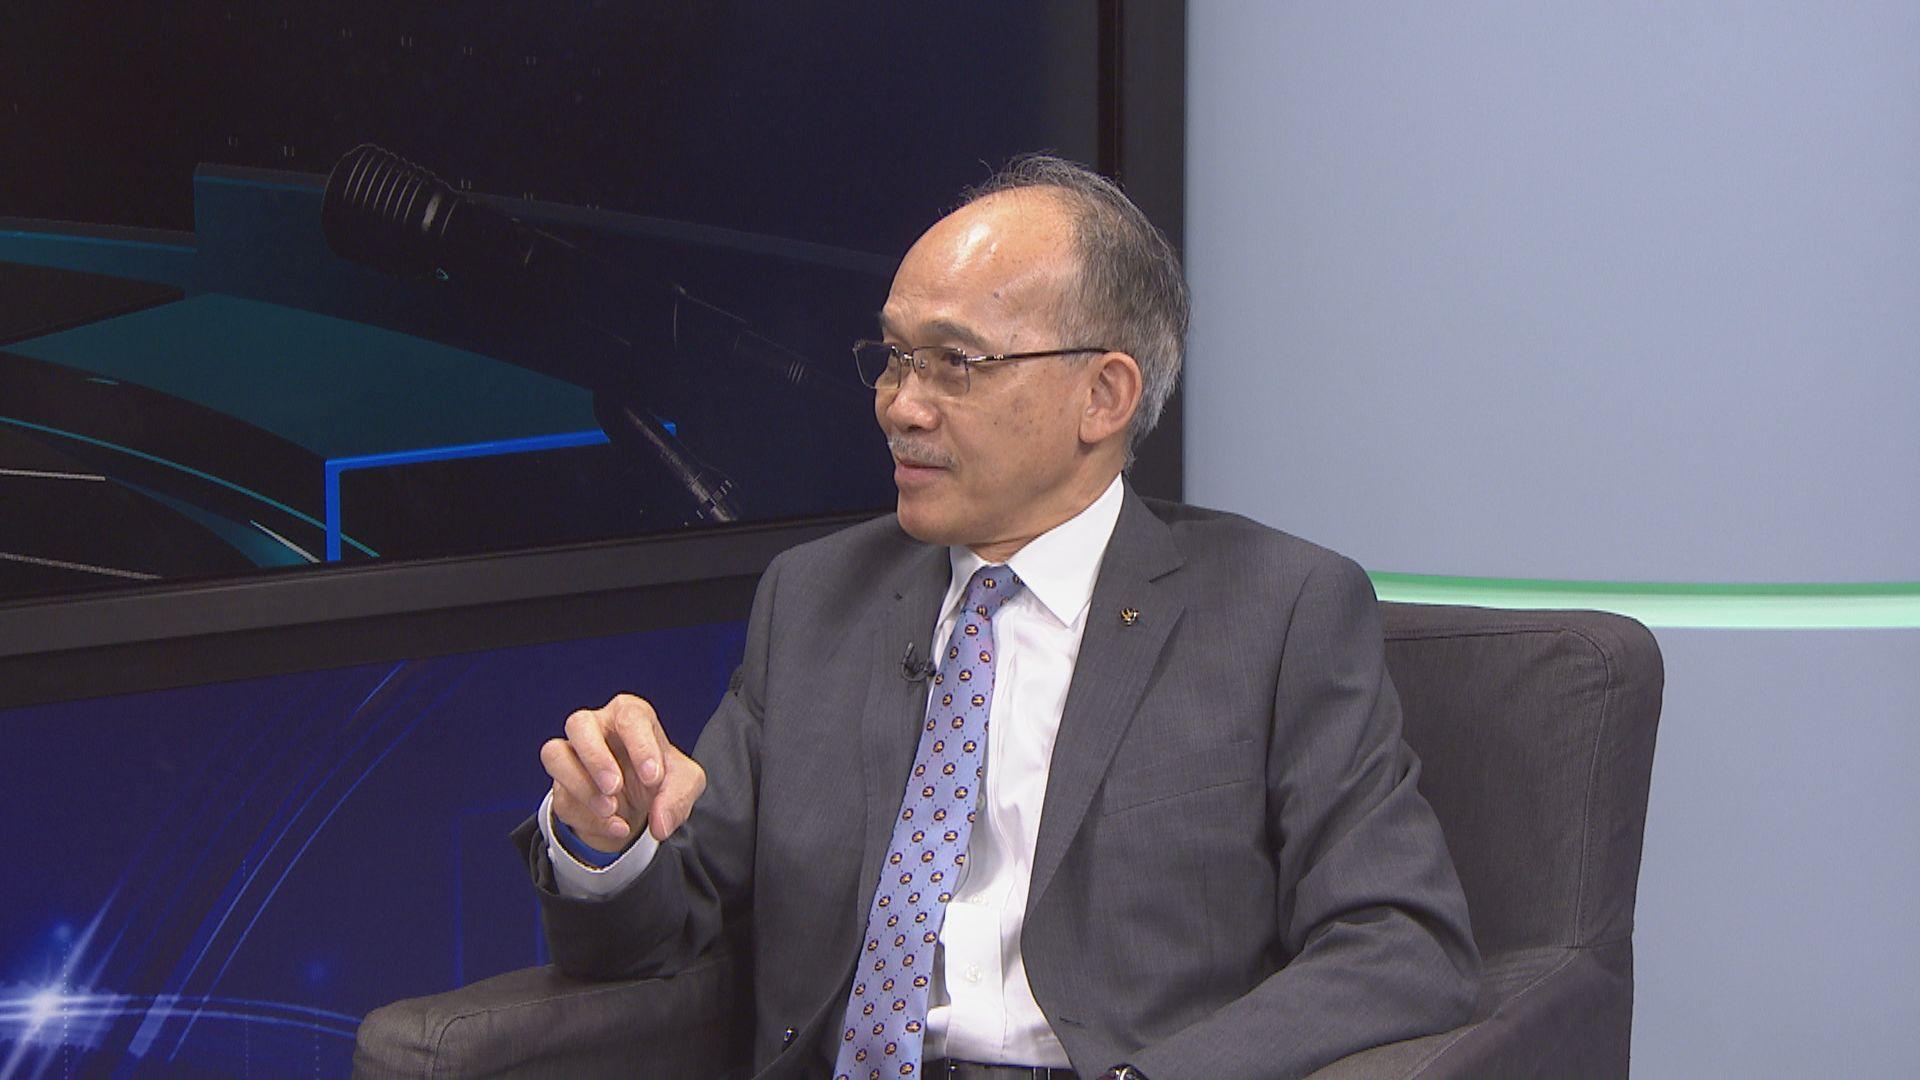 郭振華:關稅對香港轉口及周邊行業影響較大